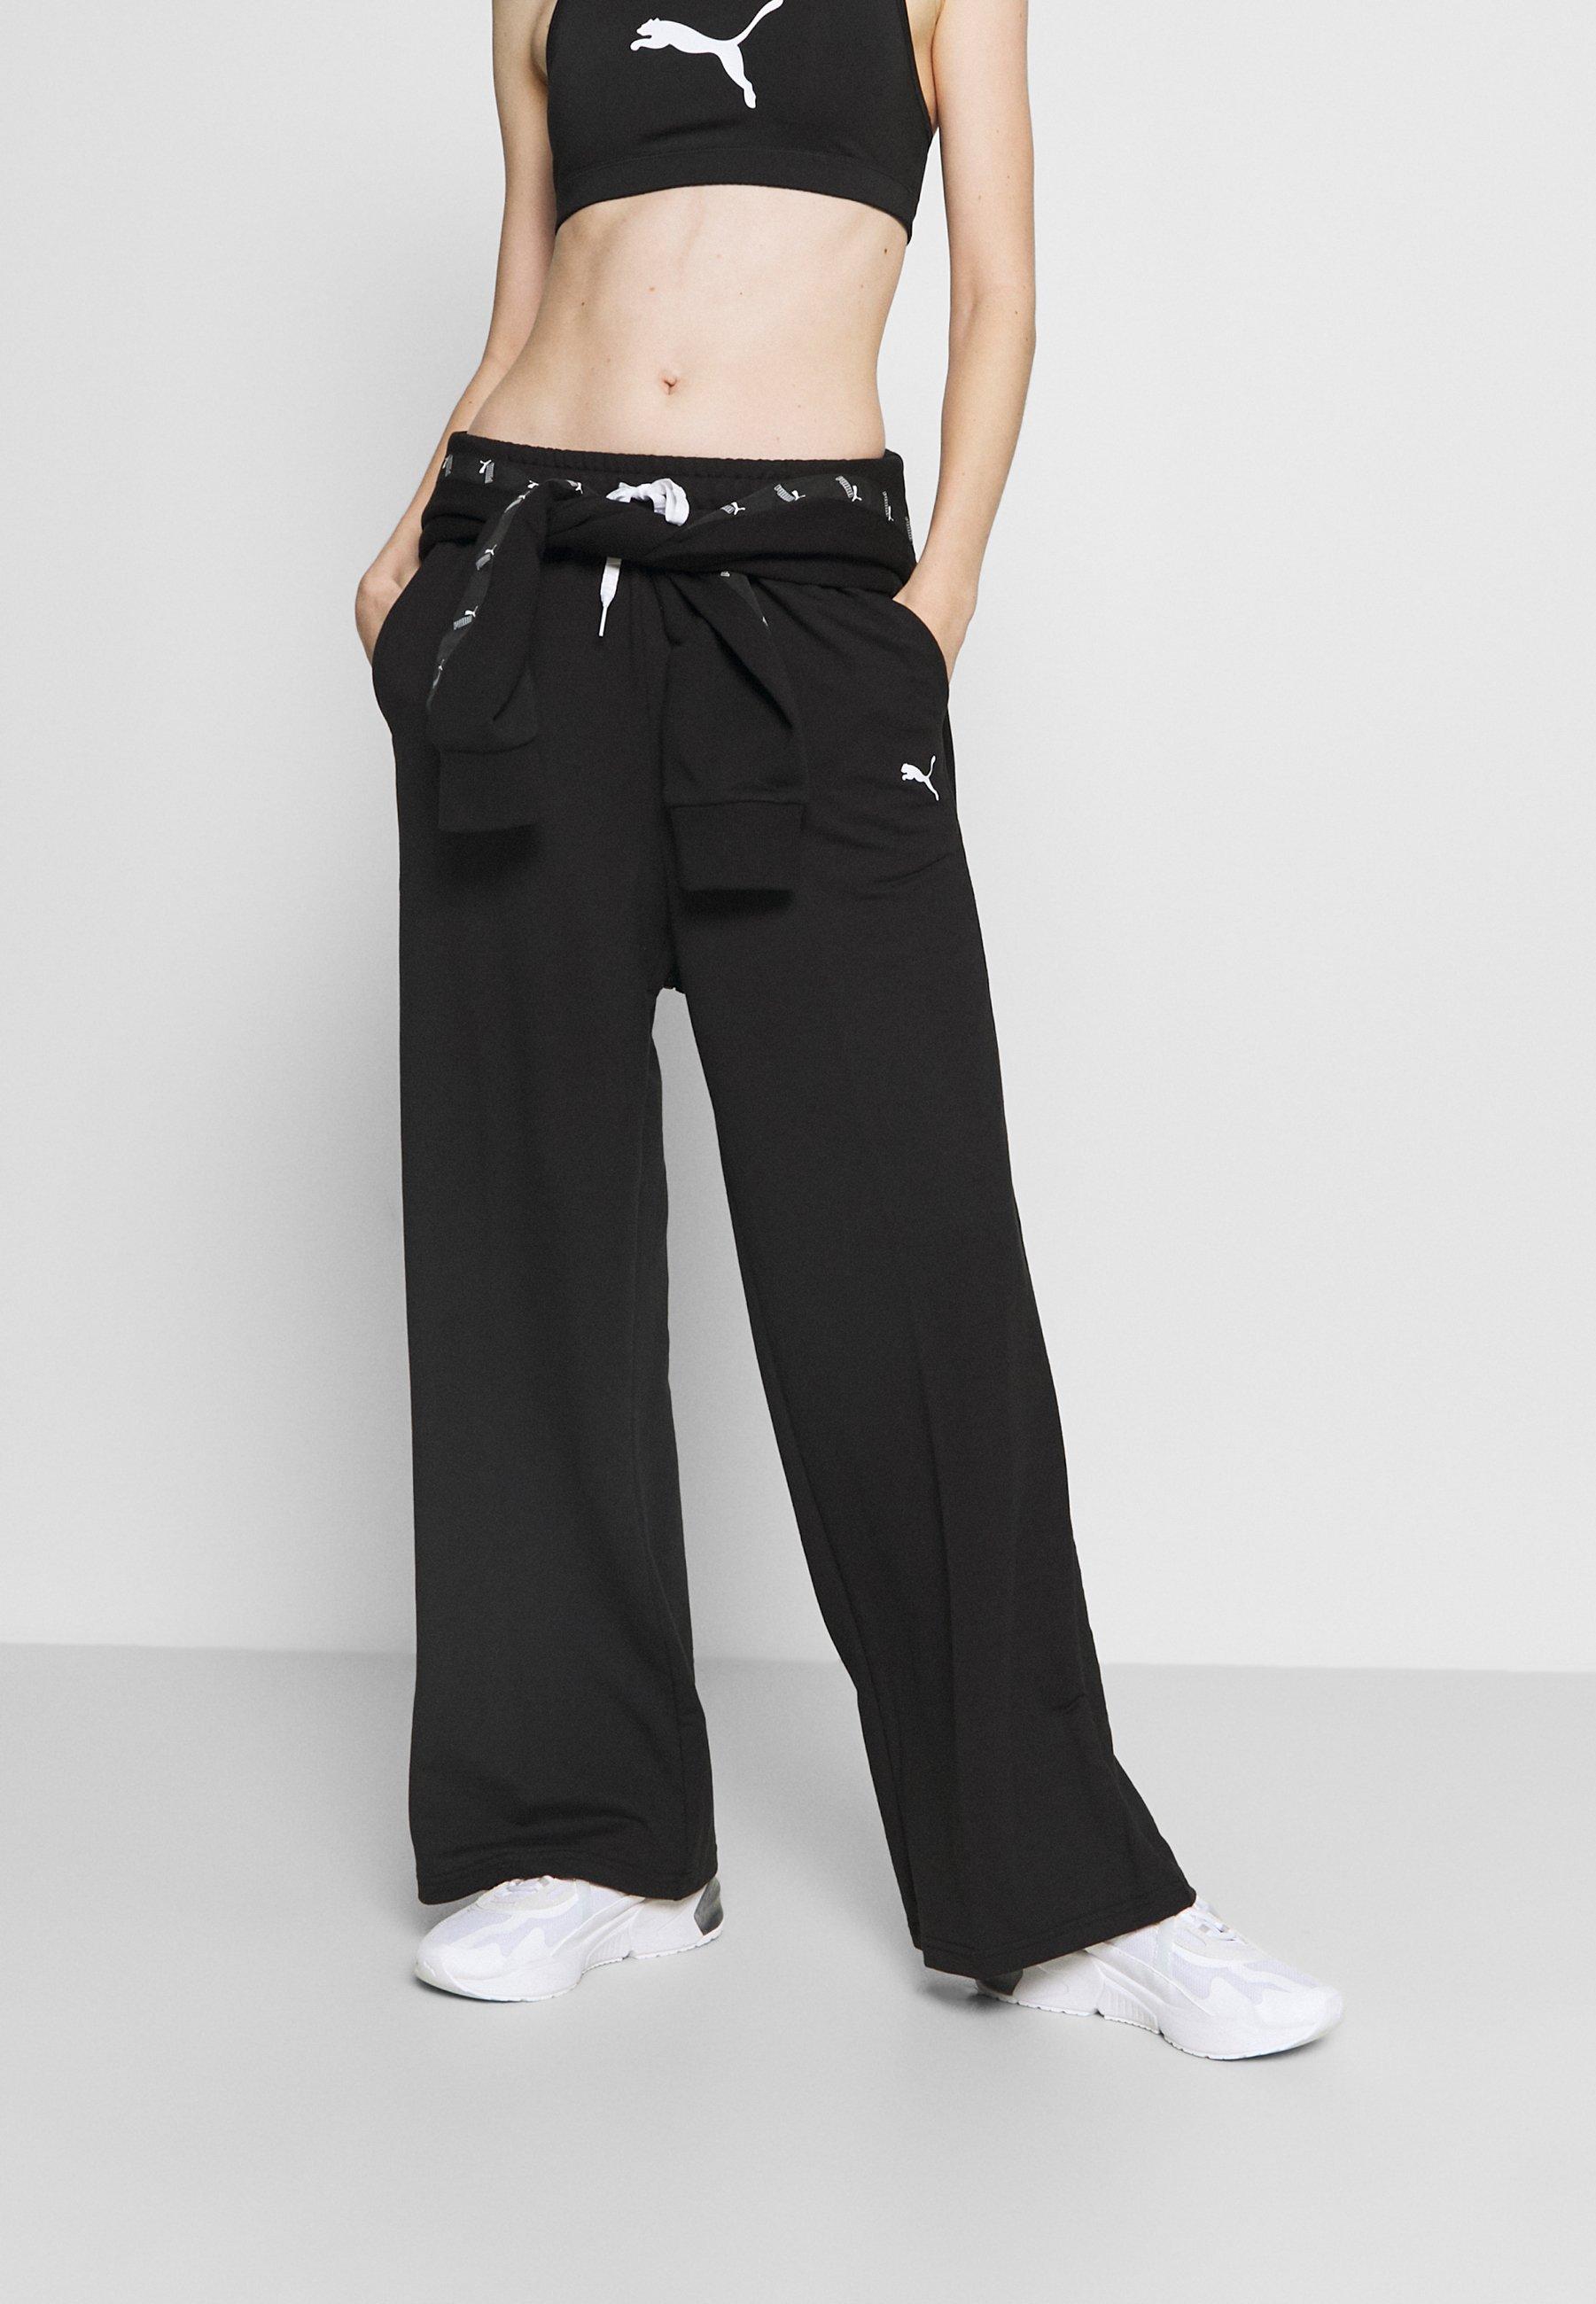 Femme MODERN SPORTS WIDE PANTS - Pantalon de survêtement